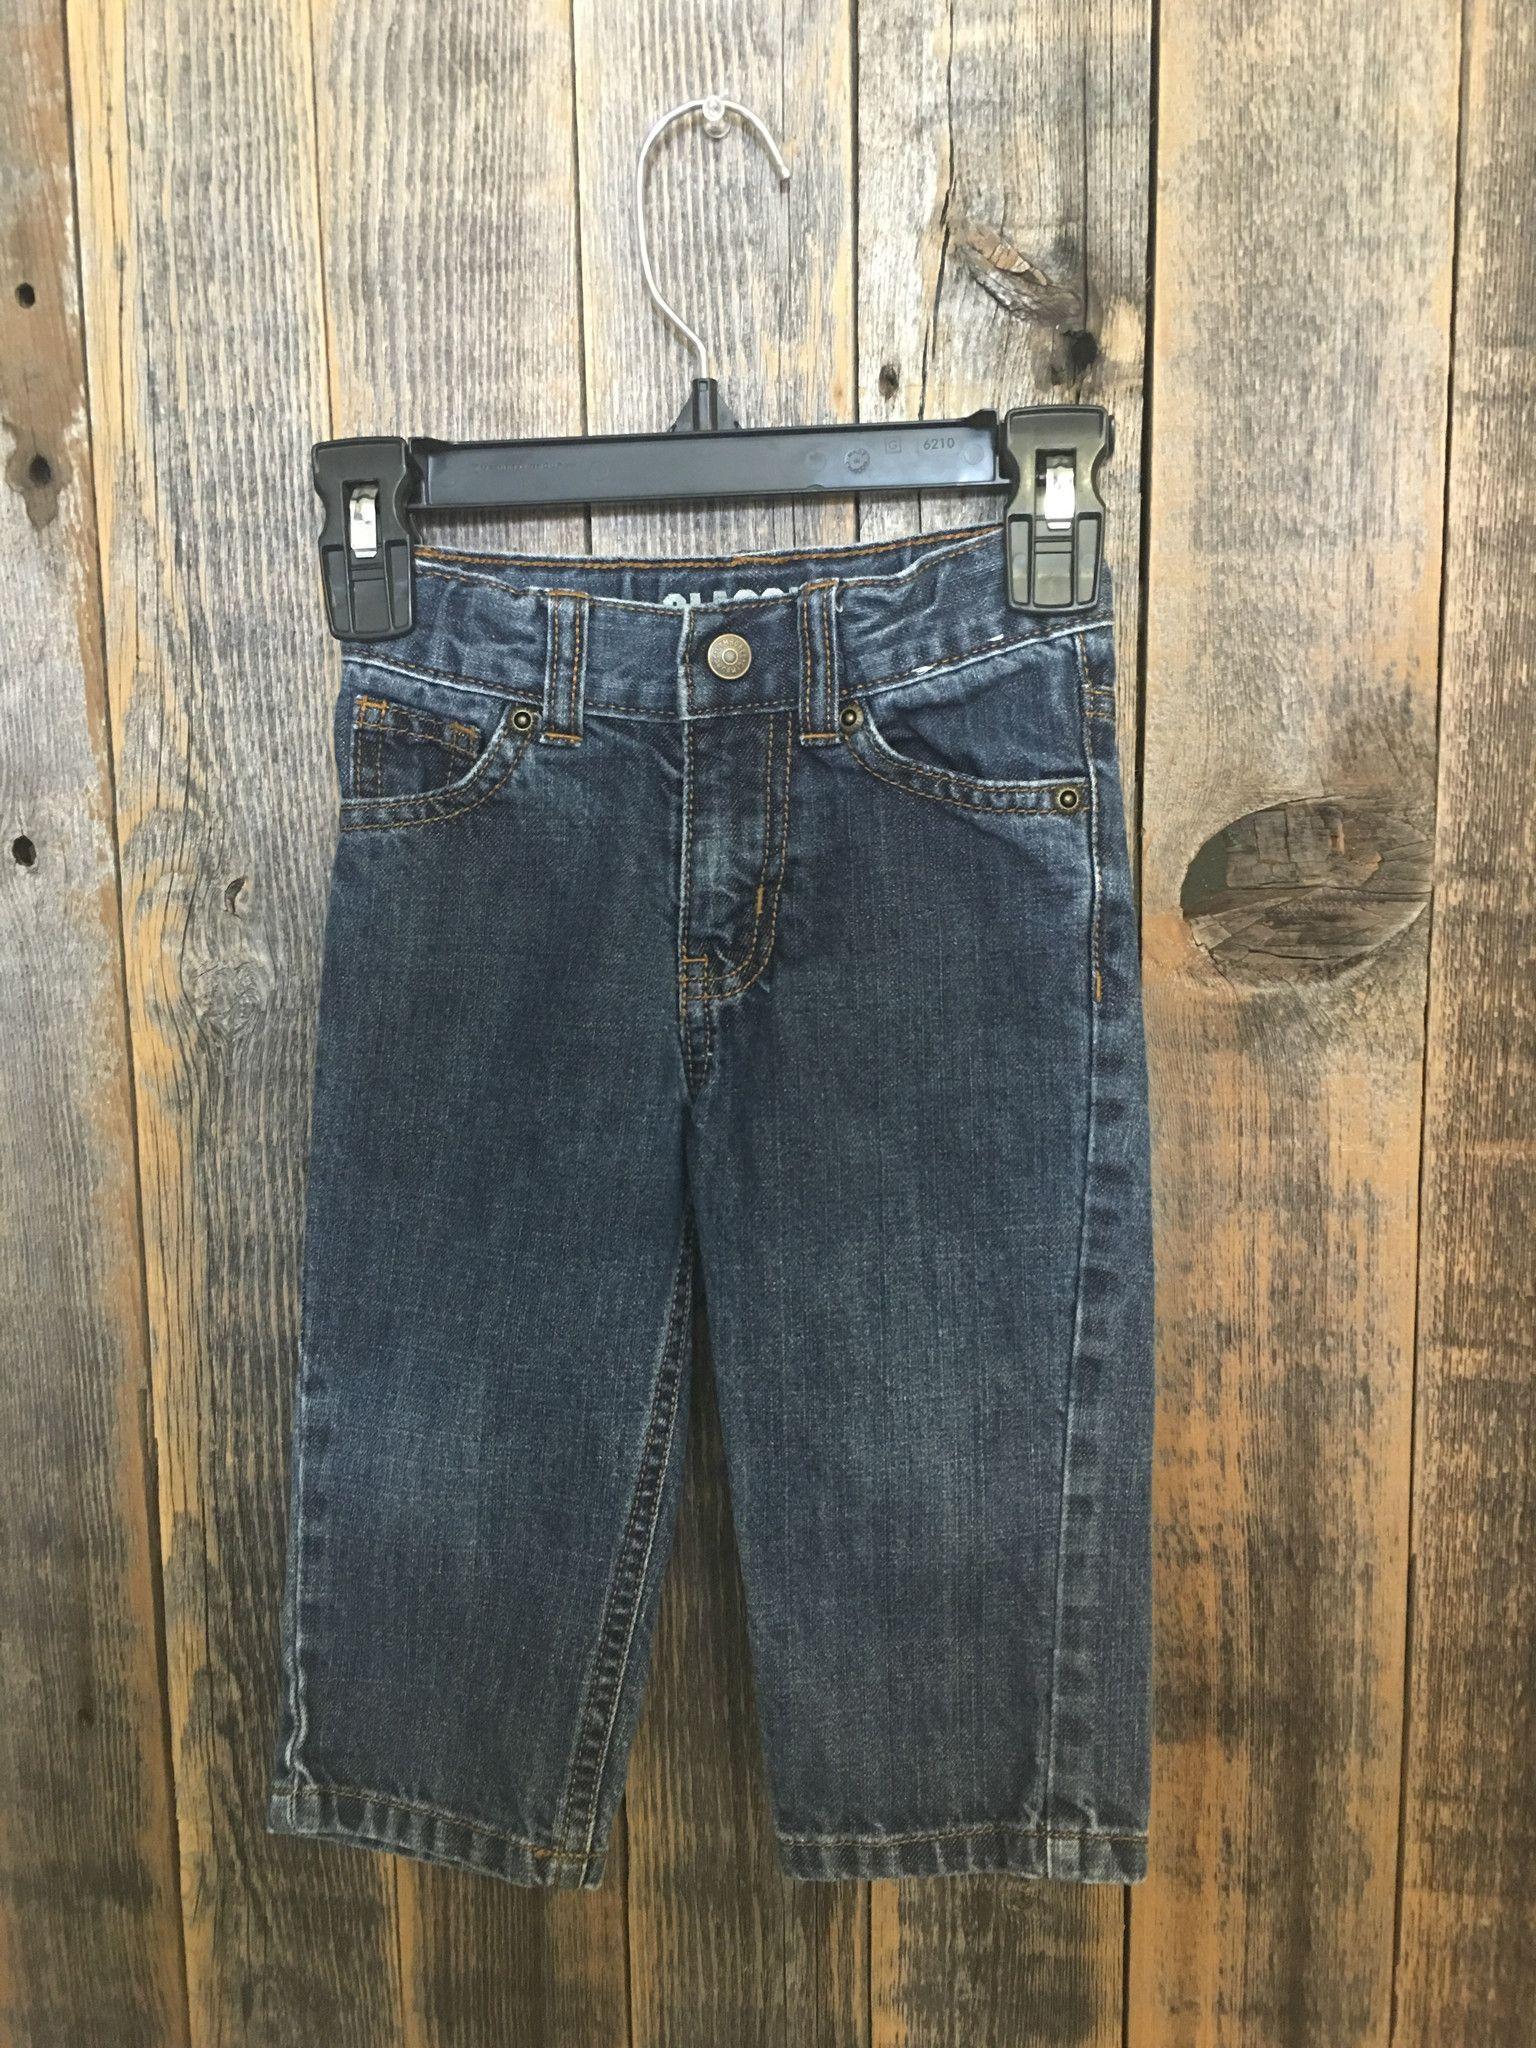 Gymboree Classic Blue Denim Jeans Size 12-18 m